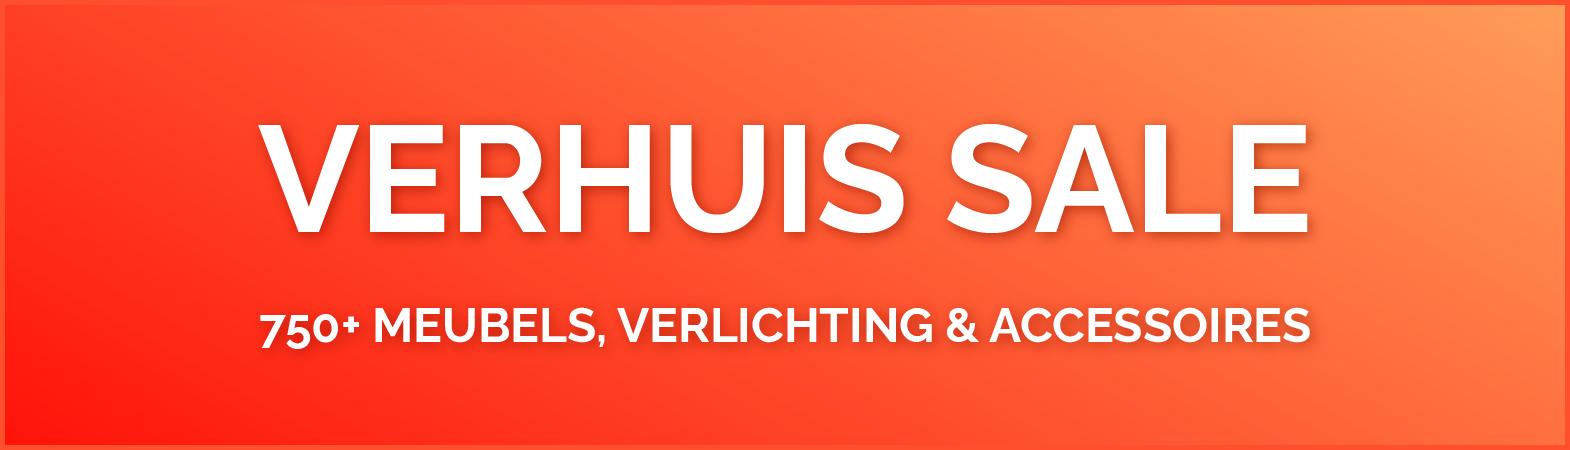 Verhuis Sale